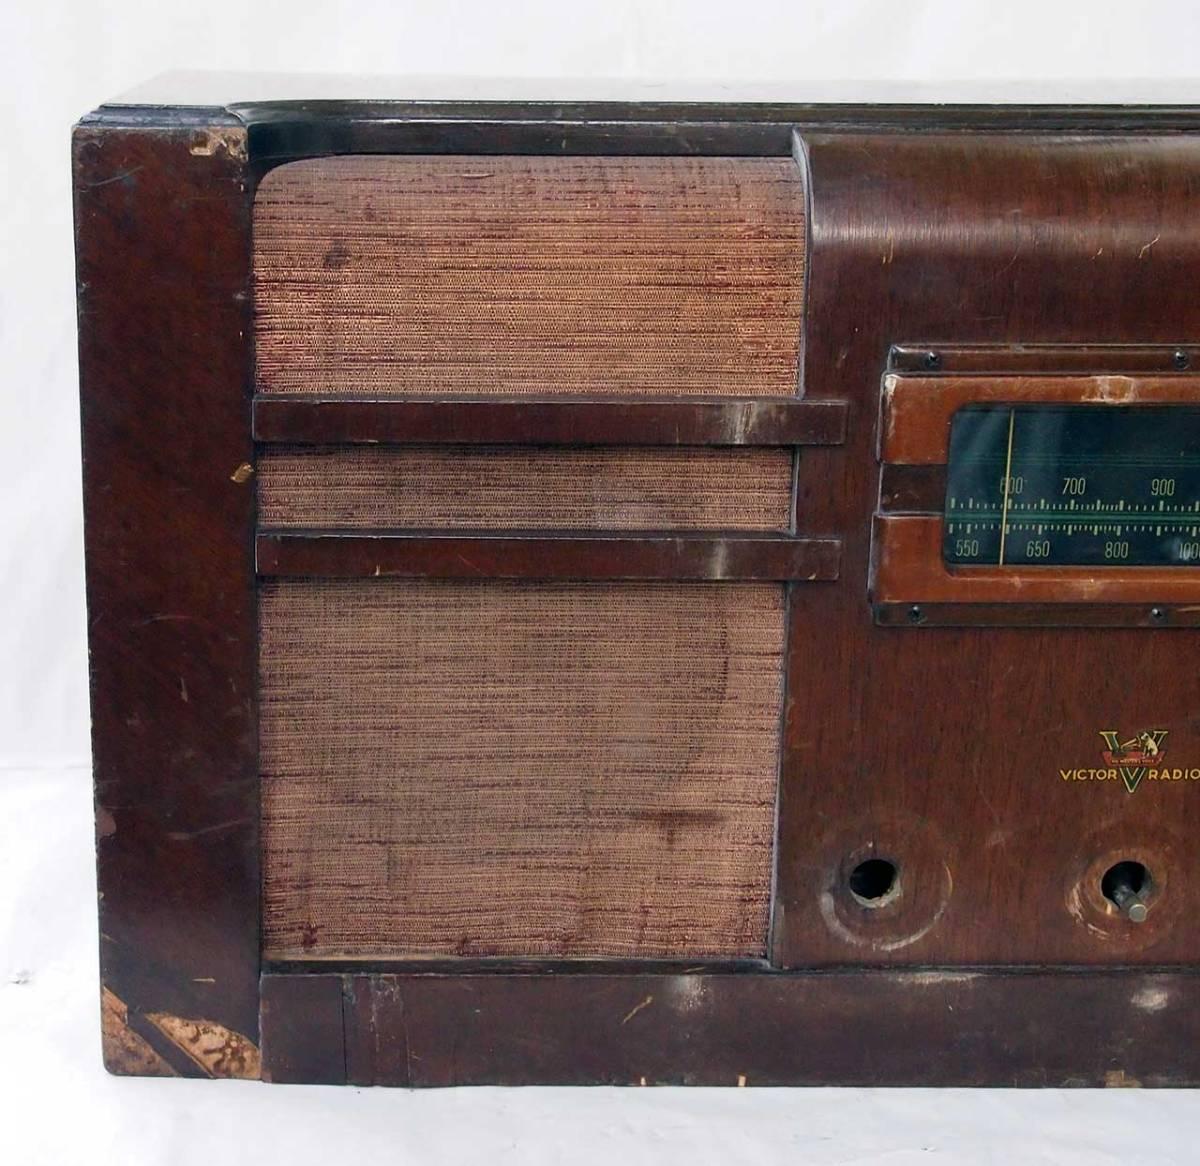 日本ビクター 6R-75 真空管ラジオ ジャンク コ01_画像2